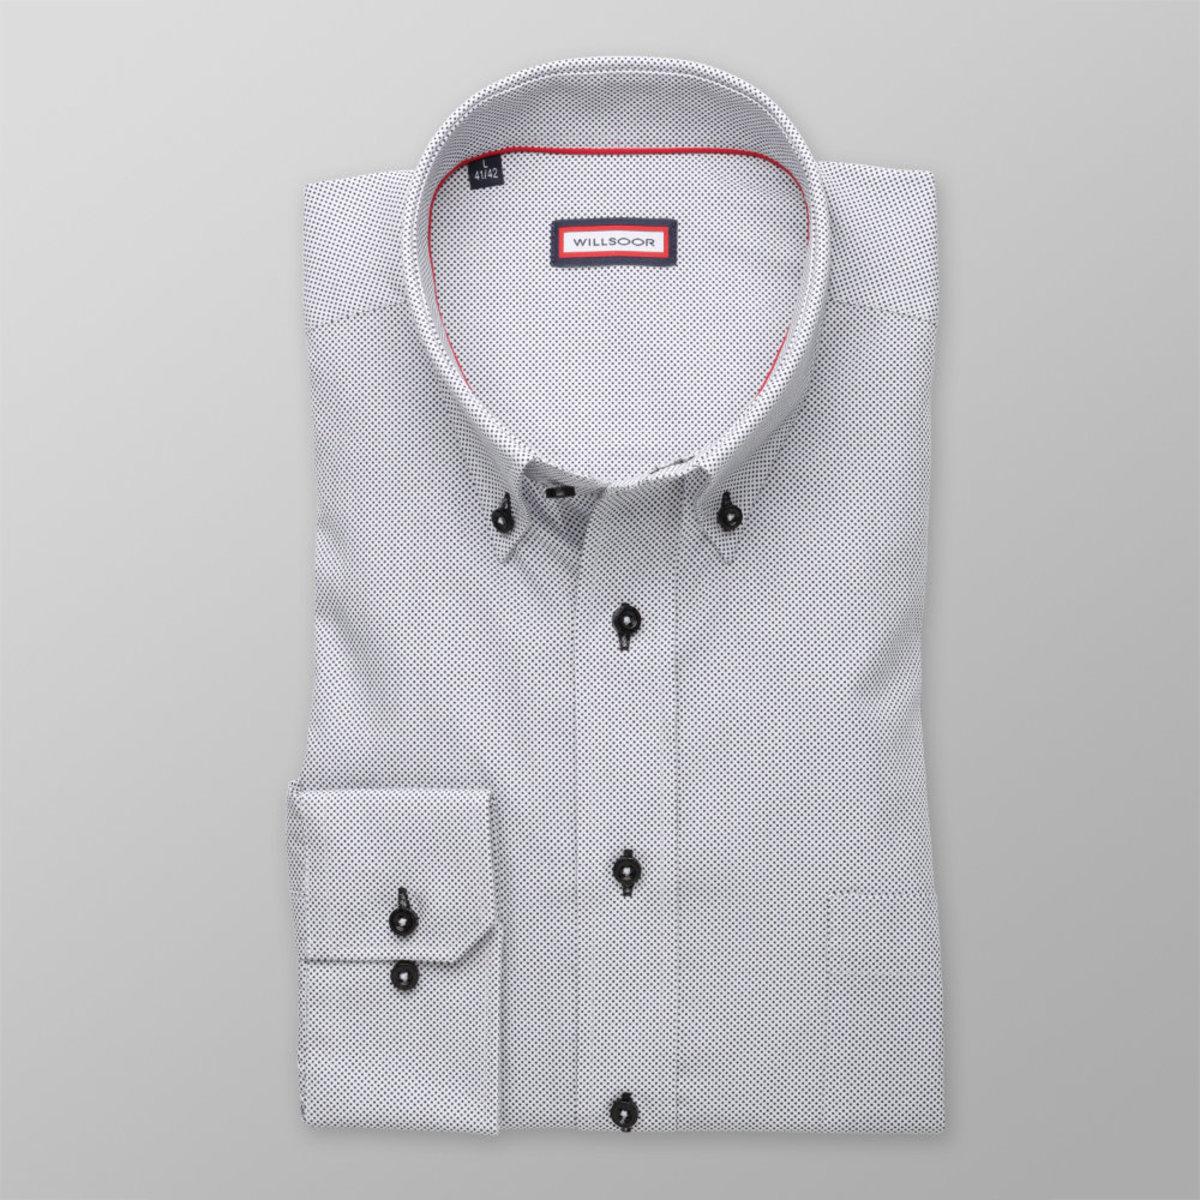 Pánská klasická košile (výška 176-182) 8345 v bílé barvě s puntíčky 176-182 / XL (43/44)